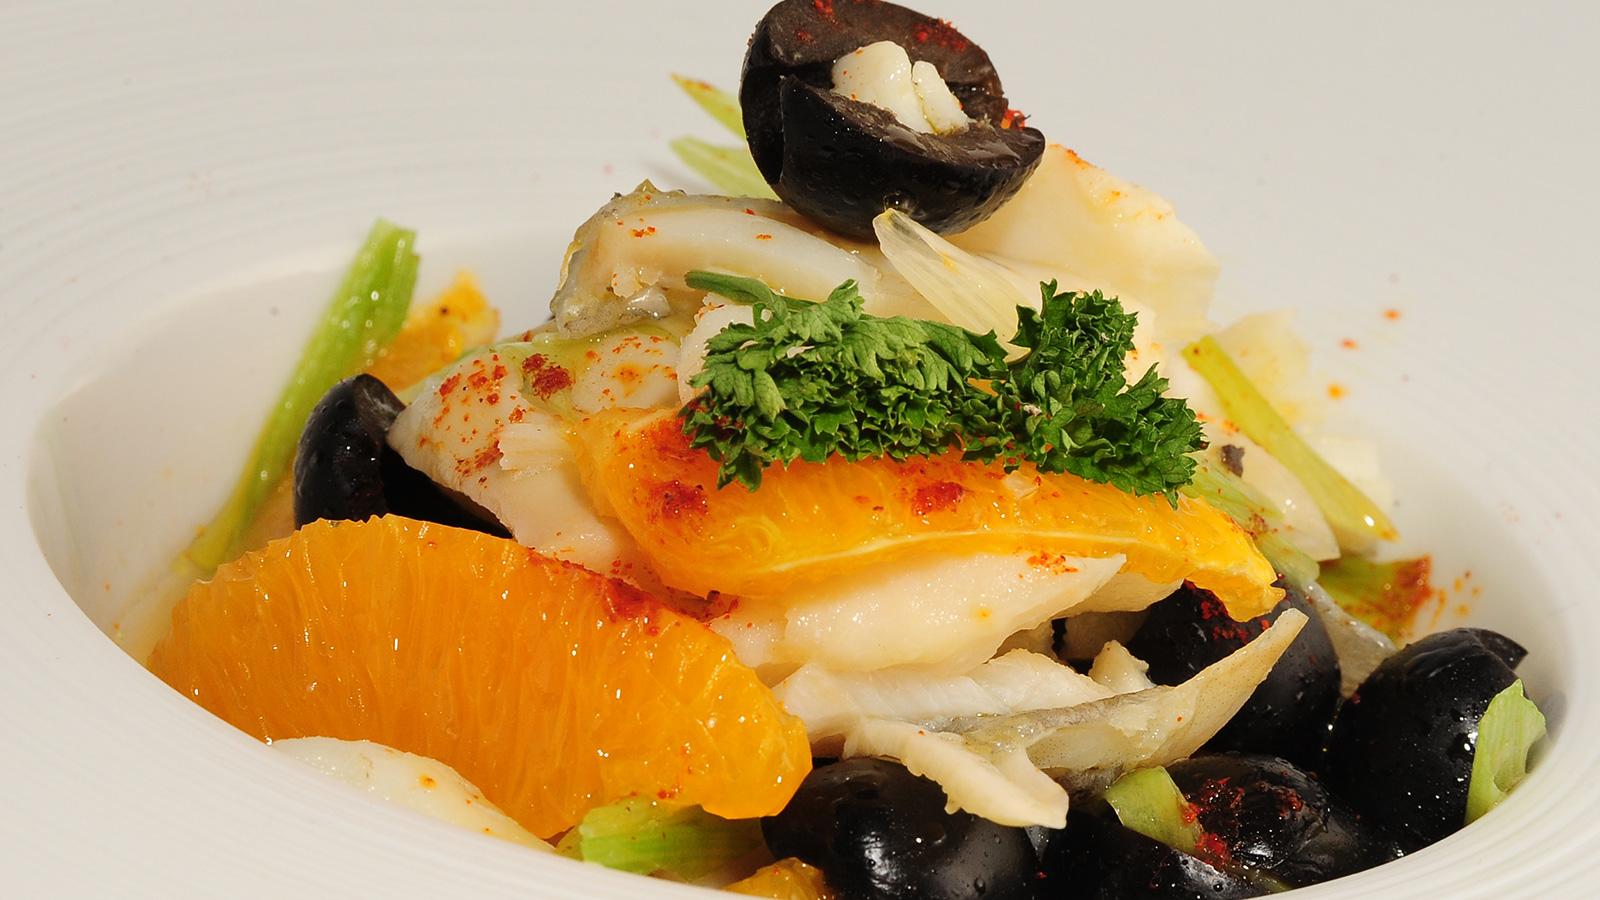 ensalada-bacalao-naranja-anfabasa